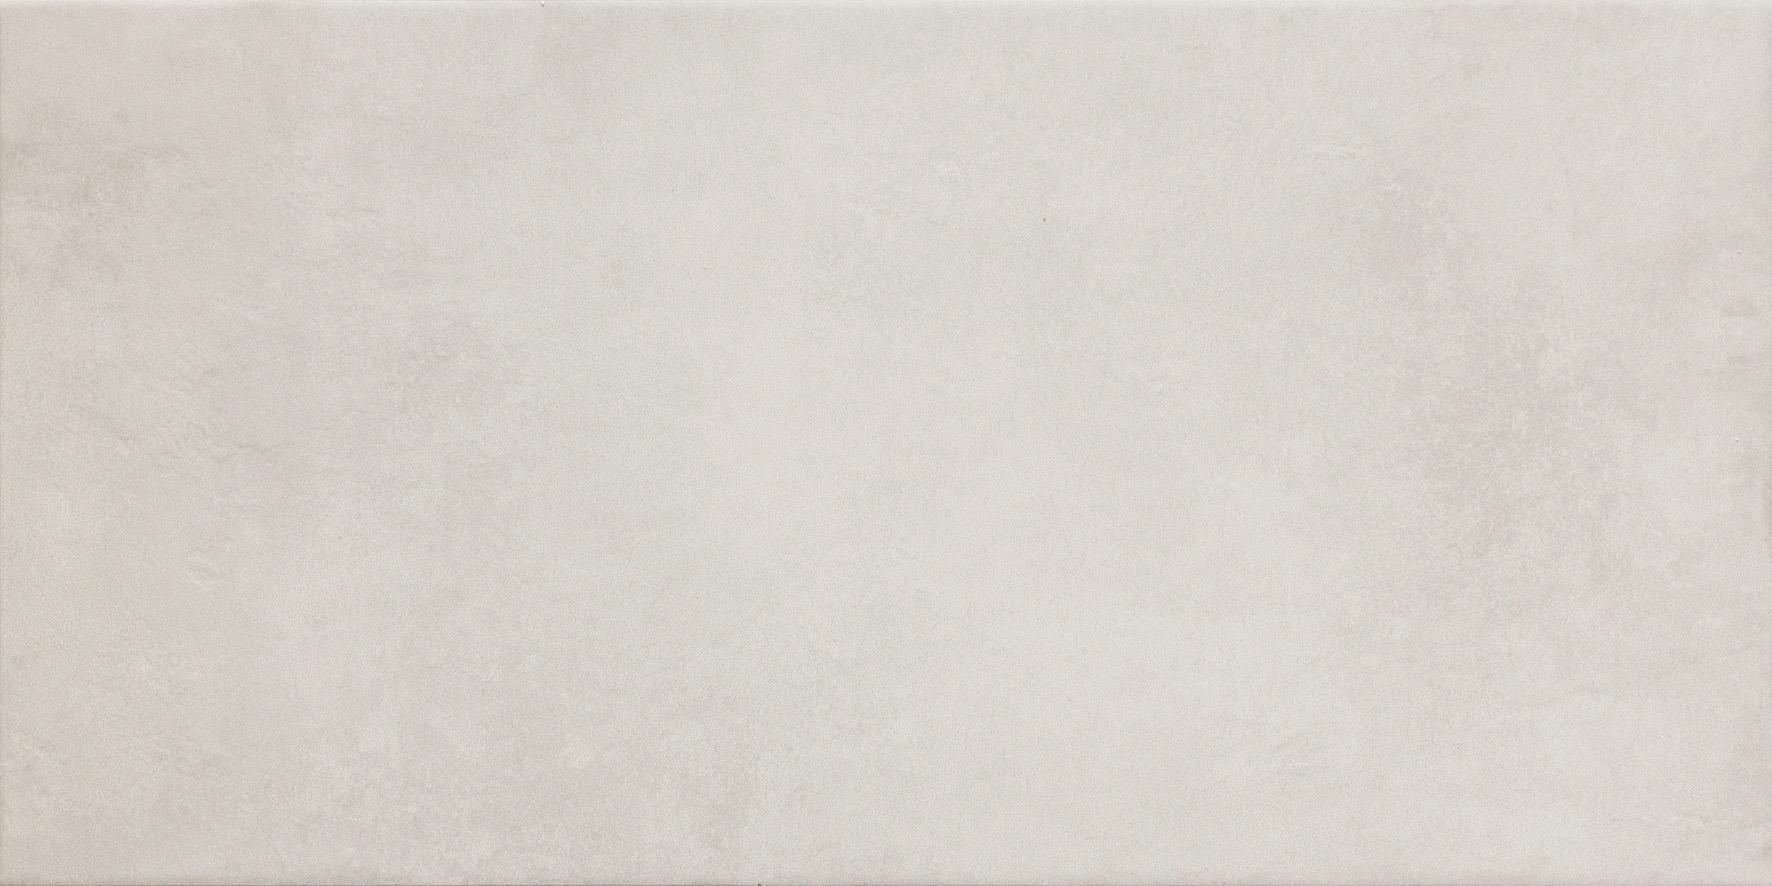 FLOW TECH 3060 WHITE_V1